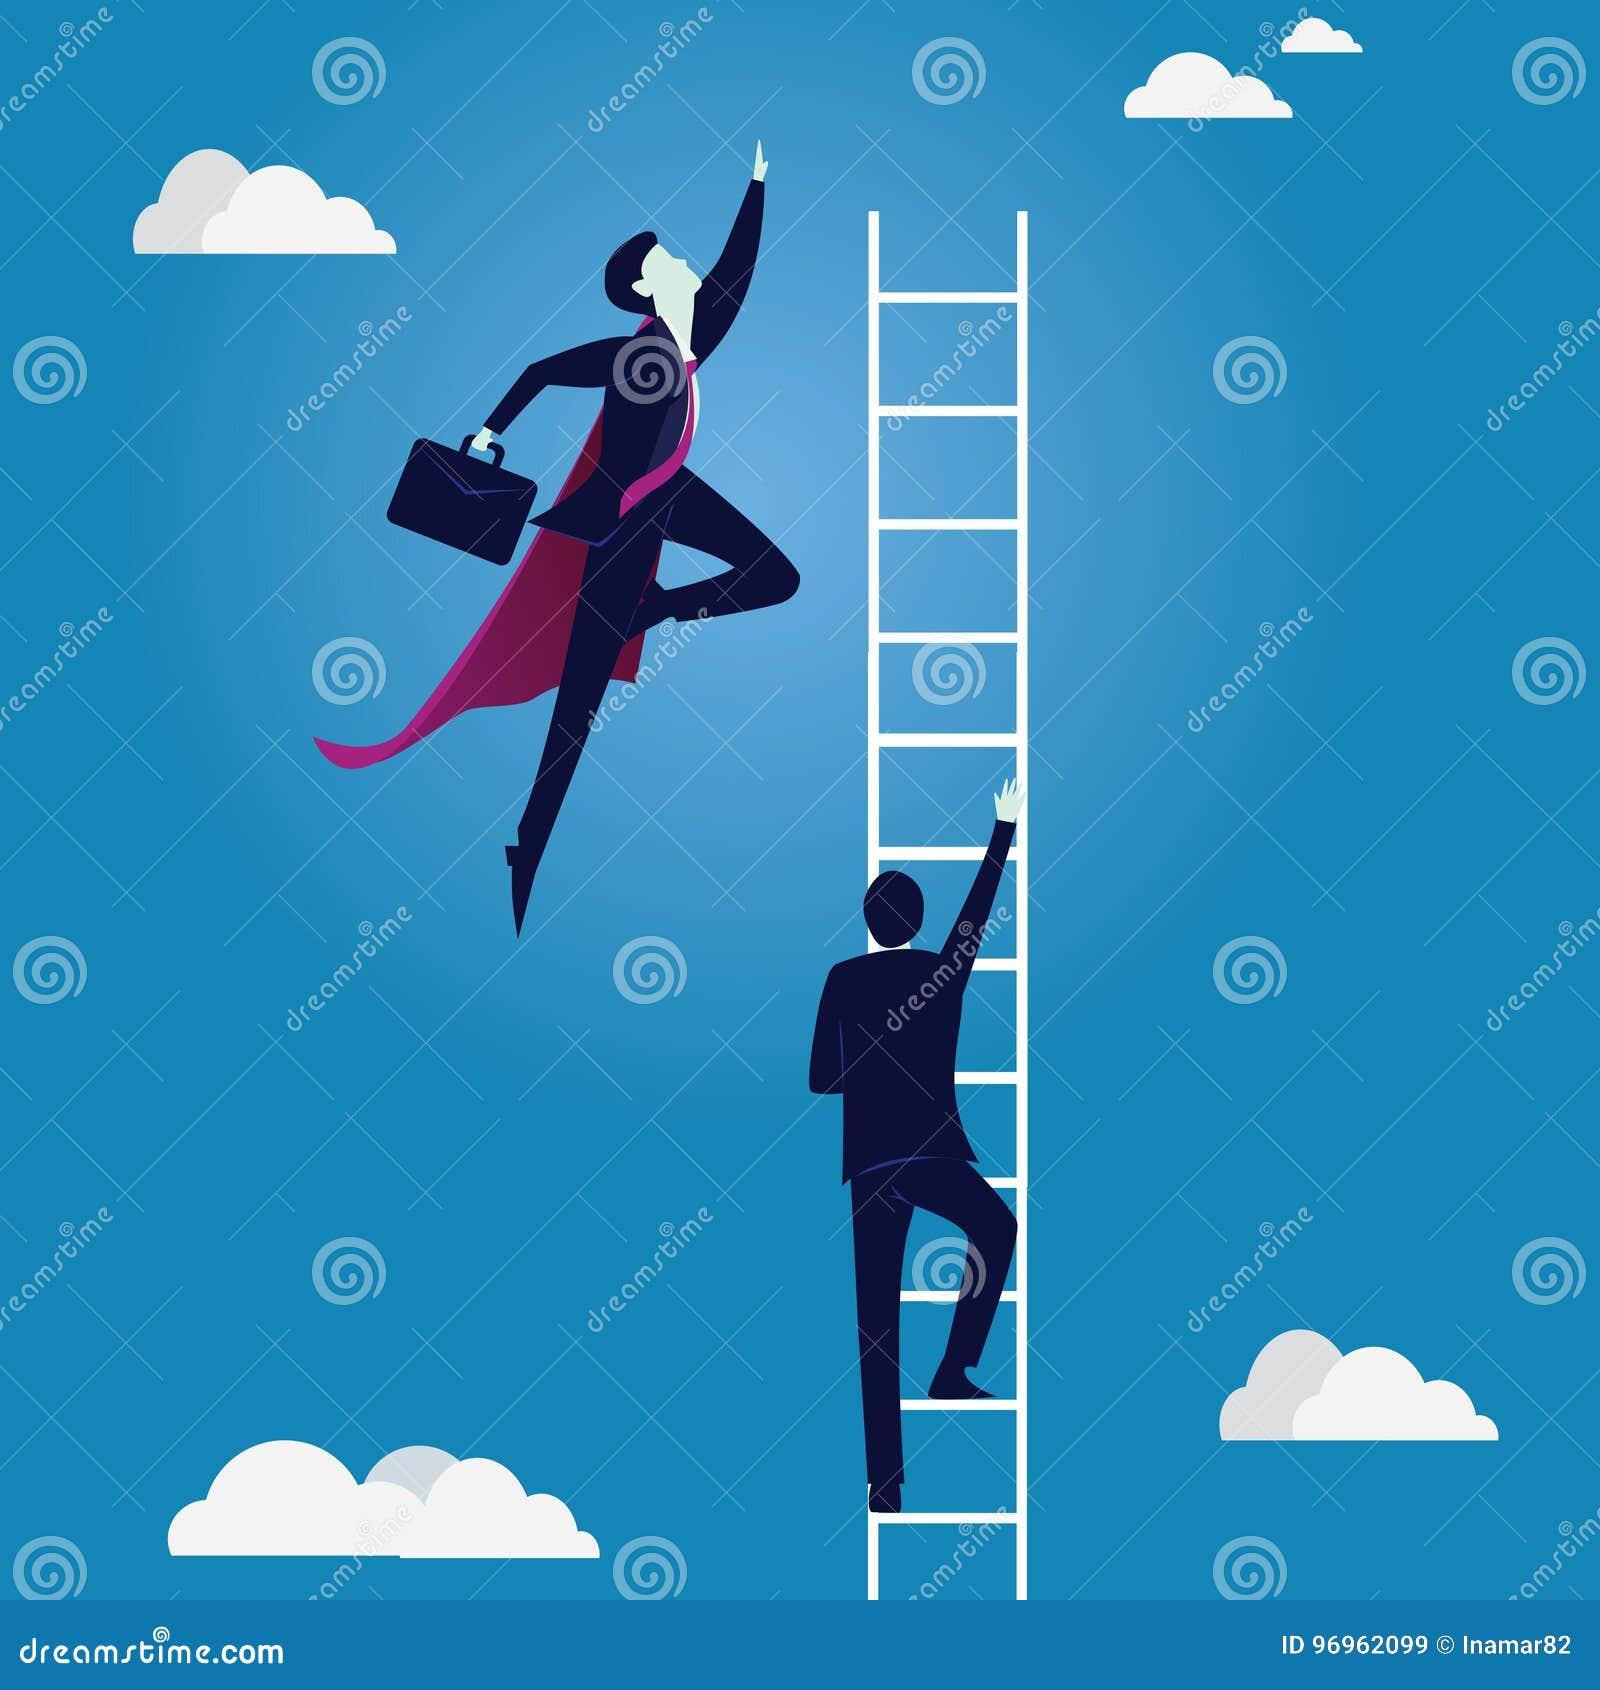 азиат за молотком принципиальной схемы конкуренции бизнесмена дела bowing держа 2 Супер работник нормального удара бизнесмена